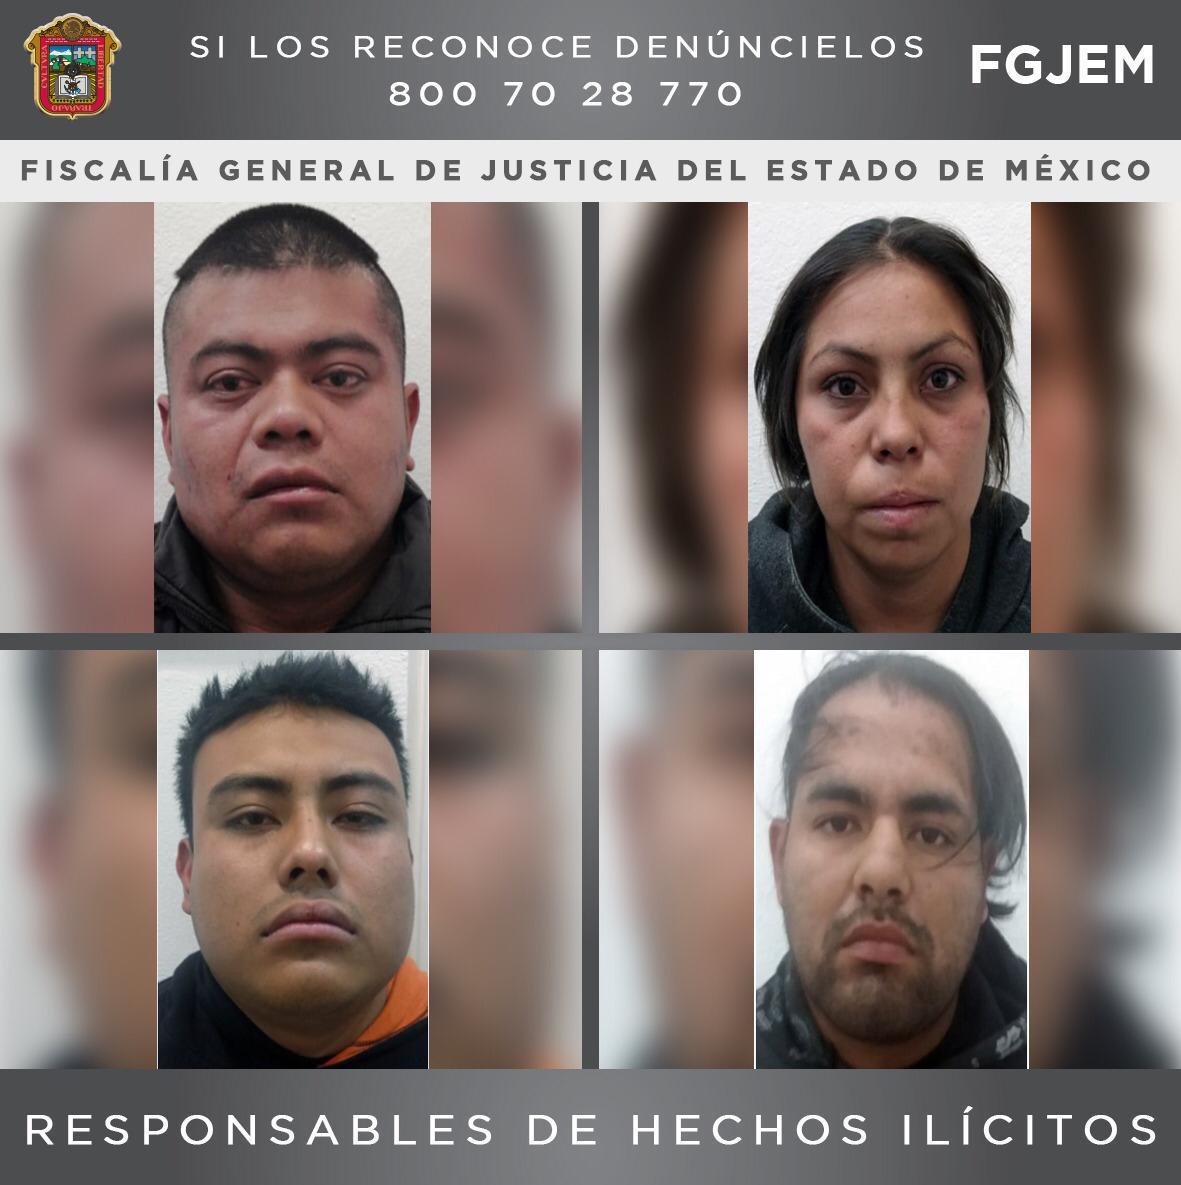 CUATRO SECUESTRADORES SON CONDENADOS A 60 AÑOS DE PRISIÓN